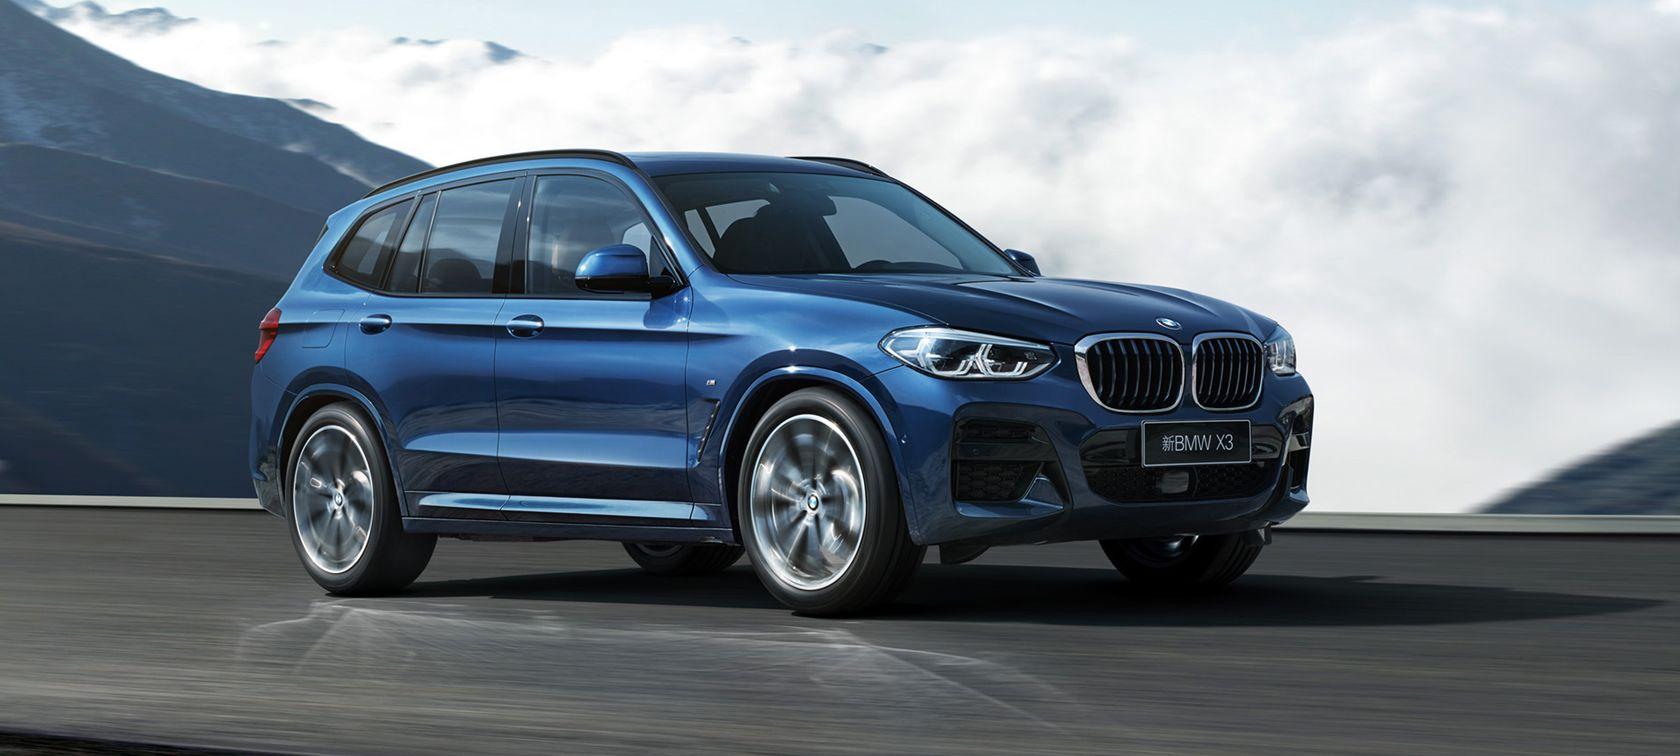 BMW X3 xDrive28i隐藏属性之真同级唯一